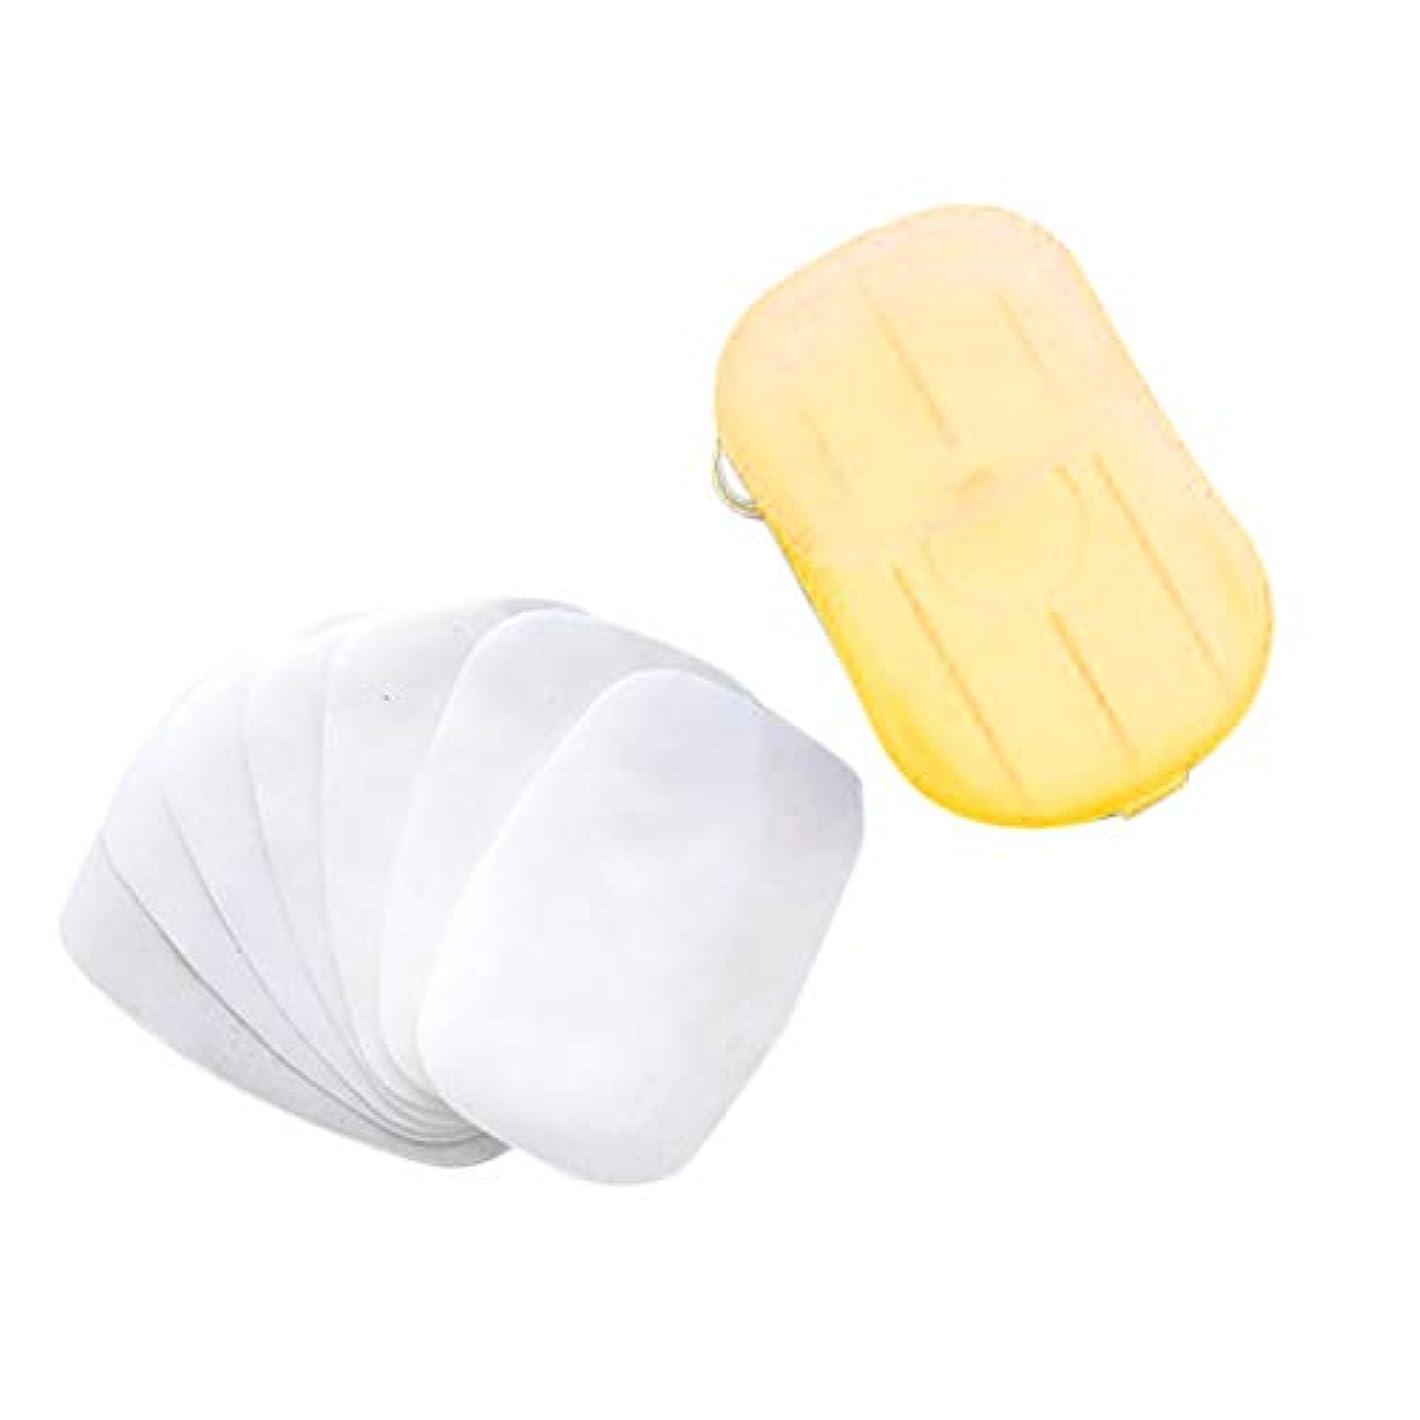 ばかチューインガムオープニングKayaki ペーパーソープ 除菌 香り 石鹸 手洗い お風呂 旅行携帯用 紙せっけん 20枚入 ケース付き カラーランダム タブレットトラベルキャリートイレットペーパー 使い捨て石鹸ペーパーウォッシュ (イエロー)